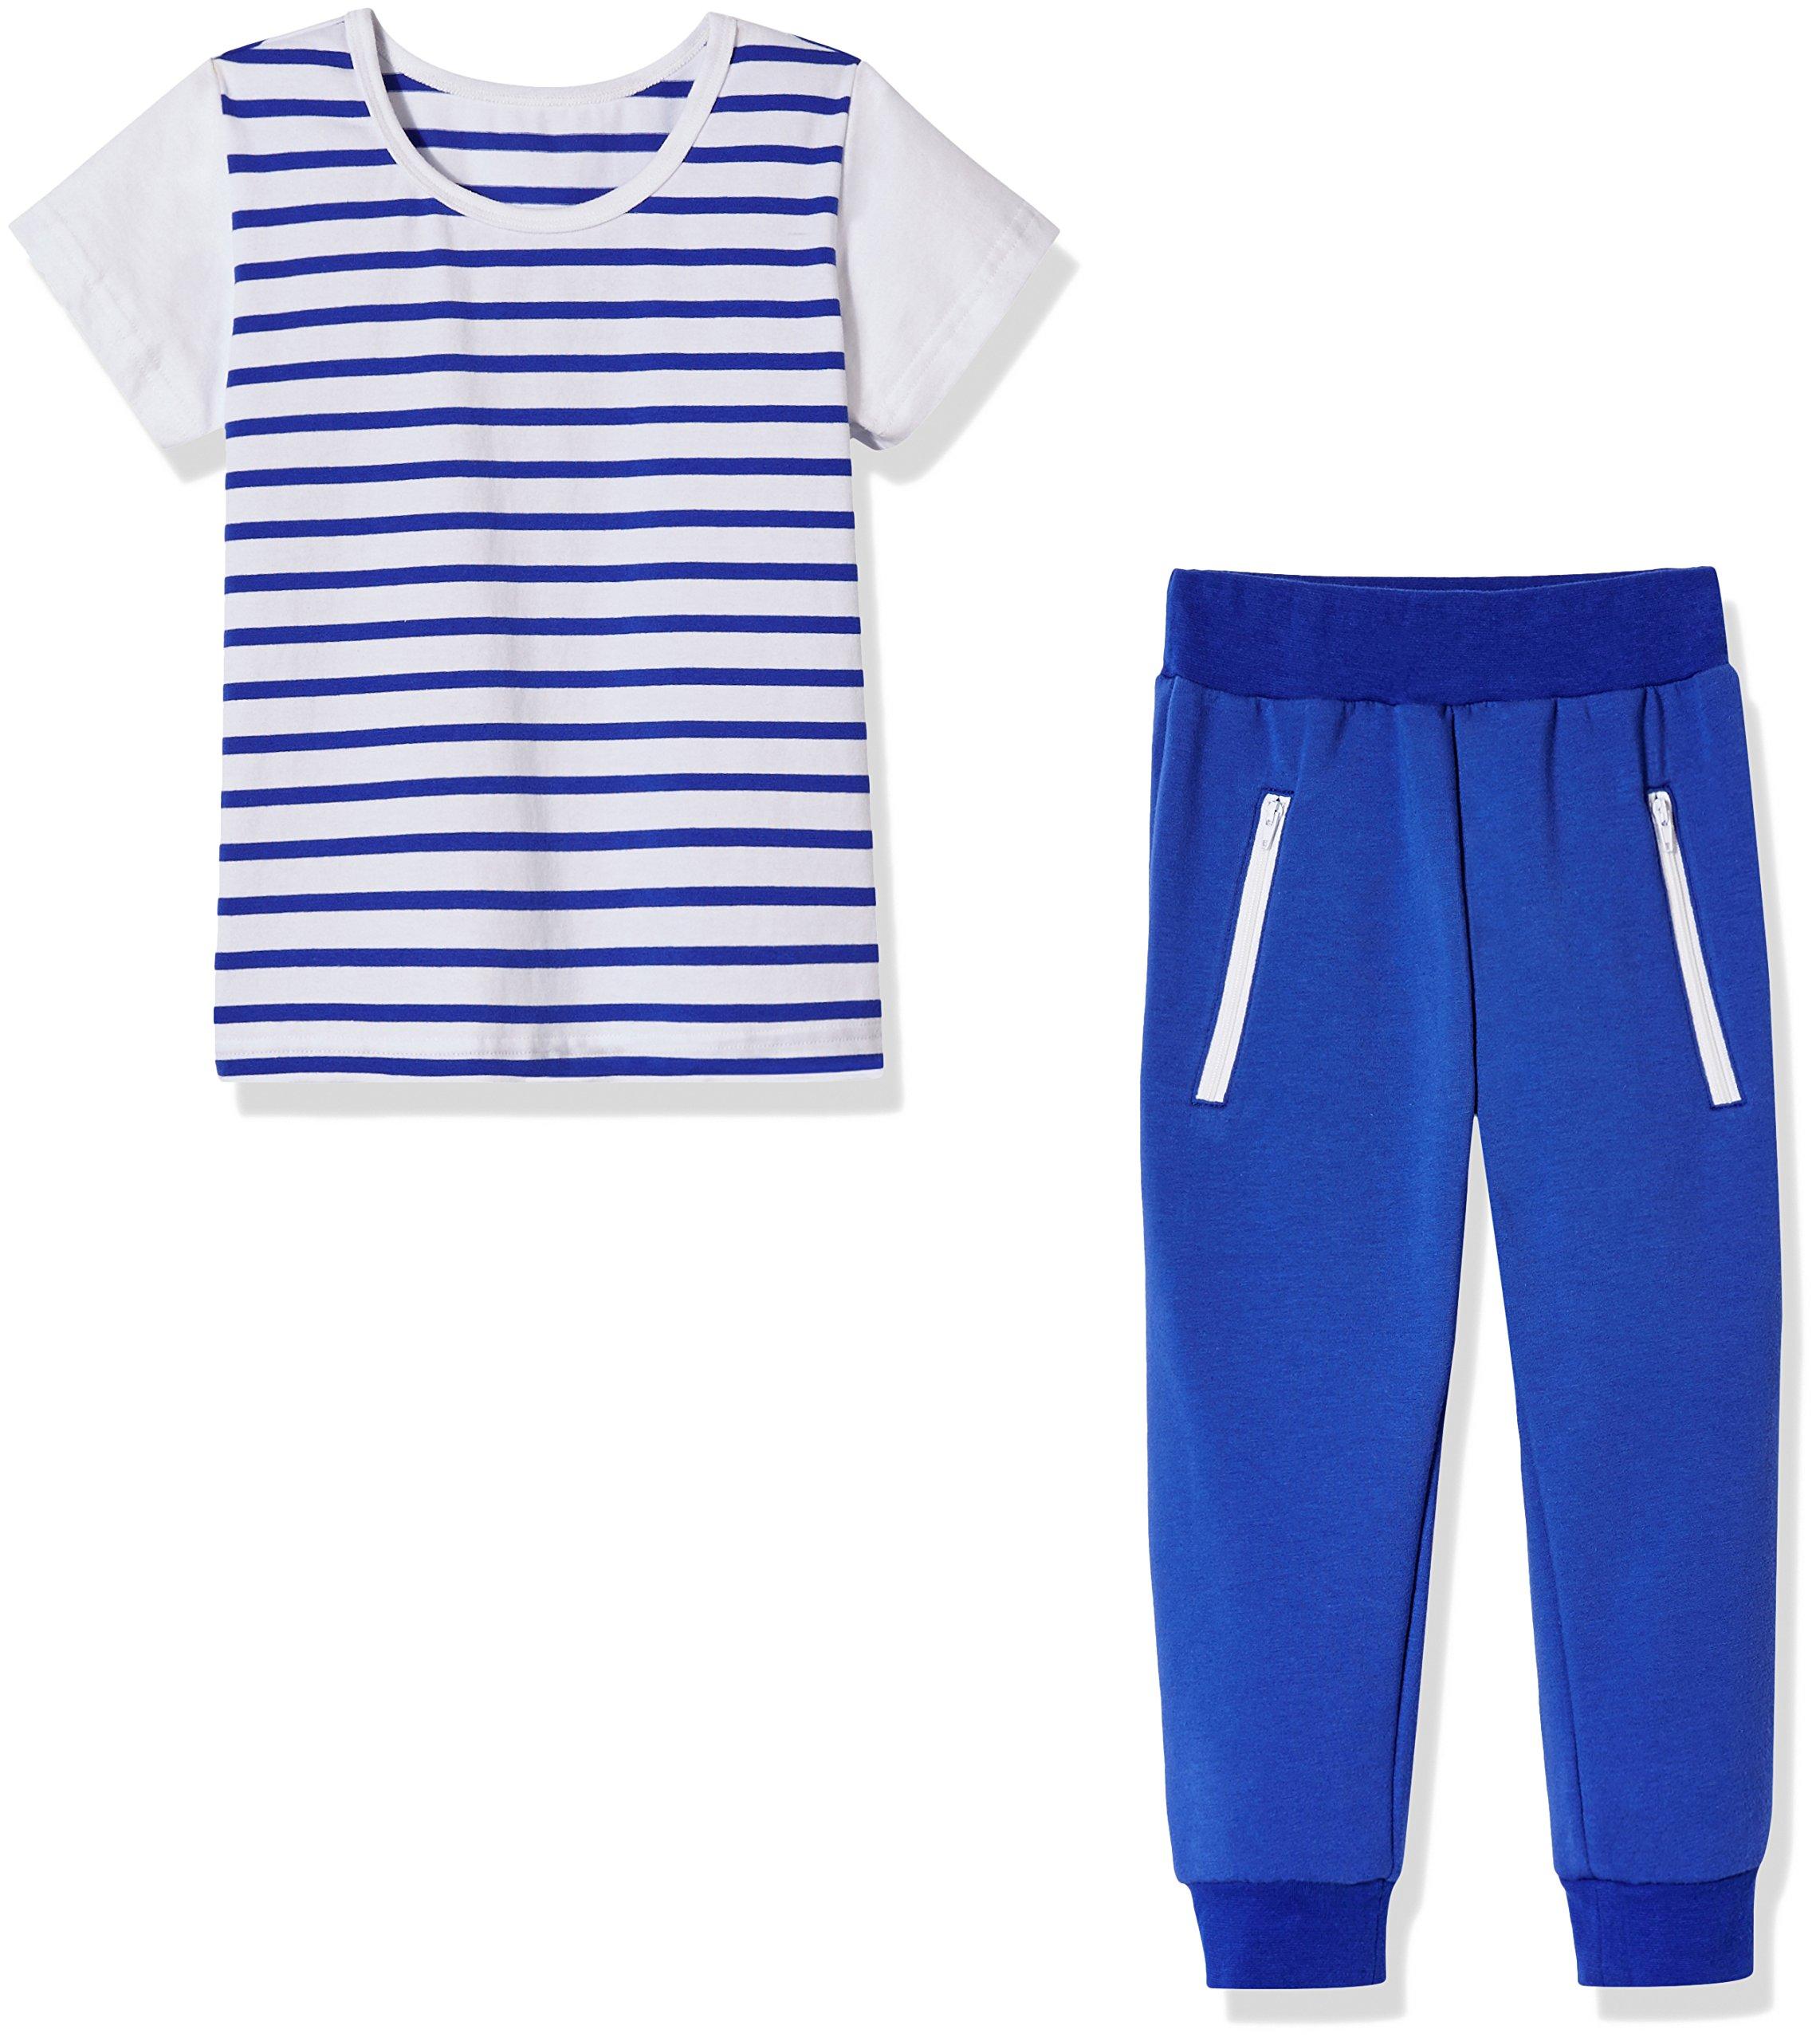 Sprout Star Boy's Stripe T-Shirt and Jogger Pants 2Pcs Cotton Set-Blue-4T